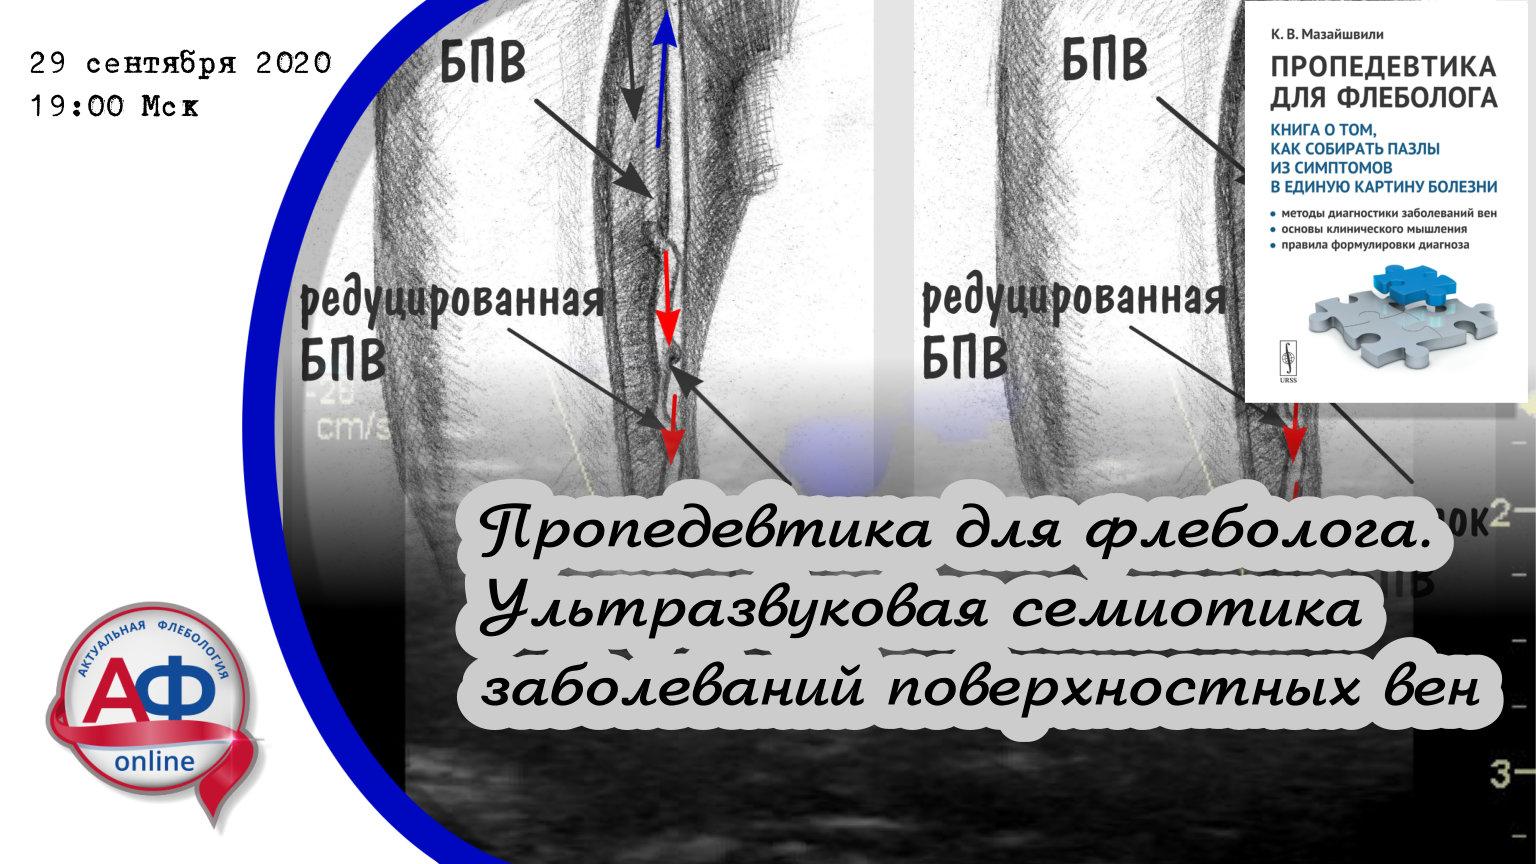 """Онлайн коллоквиум """"Ультразвуковая анатомия и семиотика заболеваний поверхностной венозной сети нижних"""""""